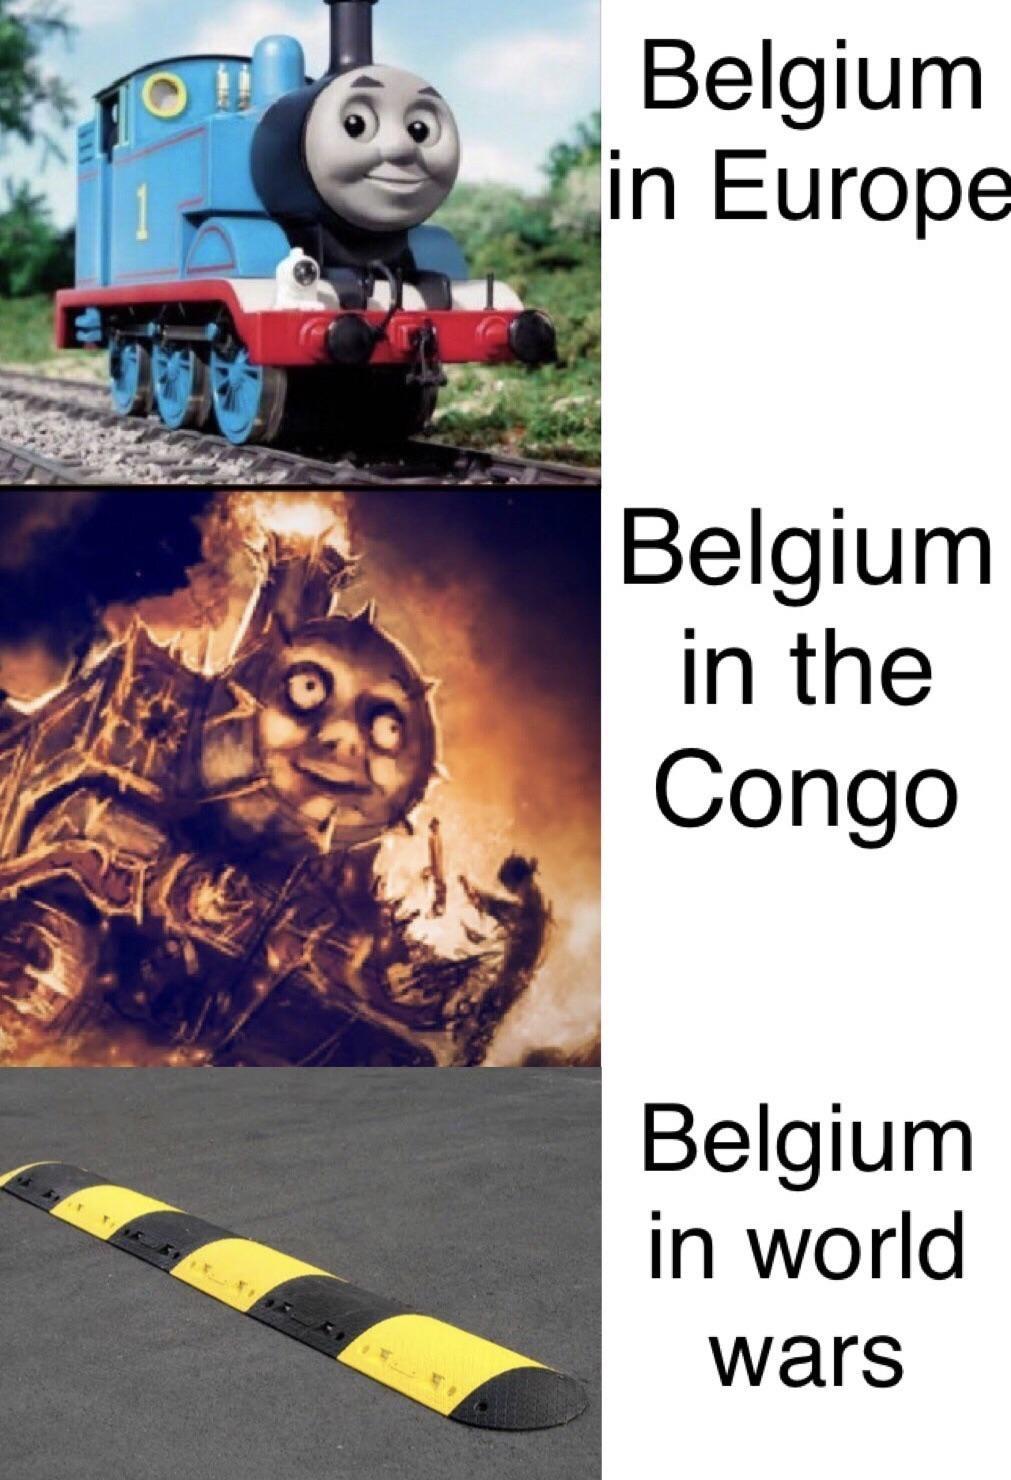 Belgium - meme